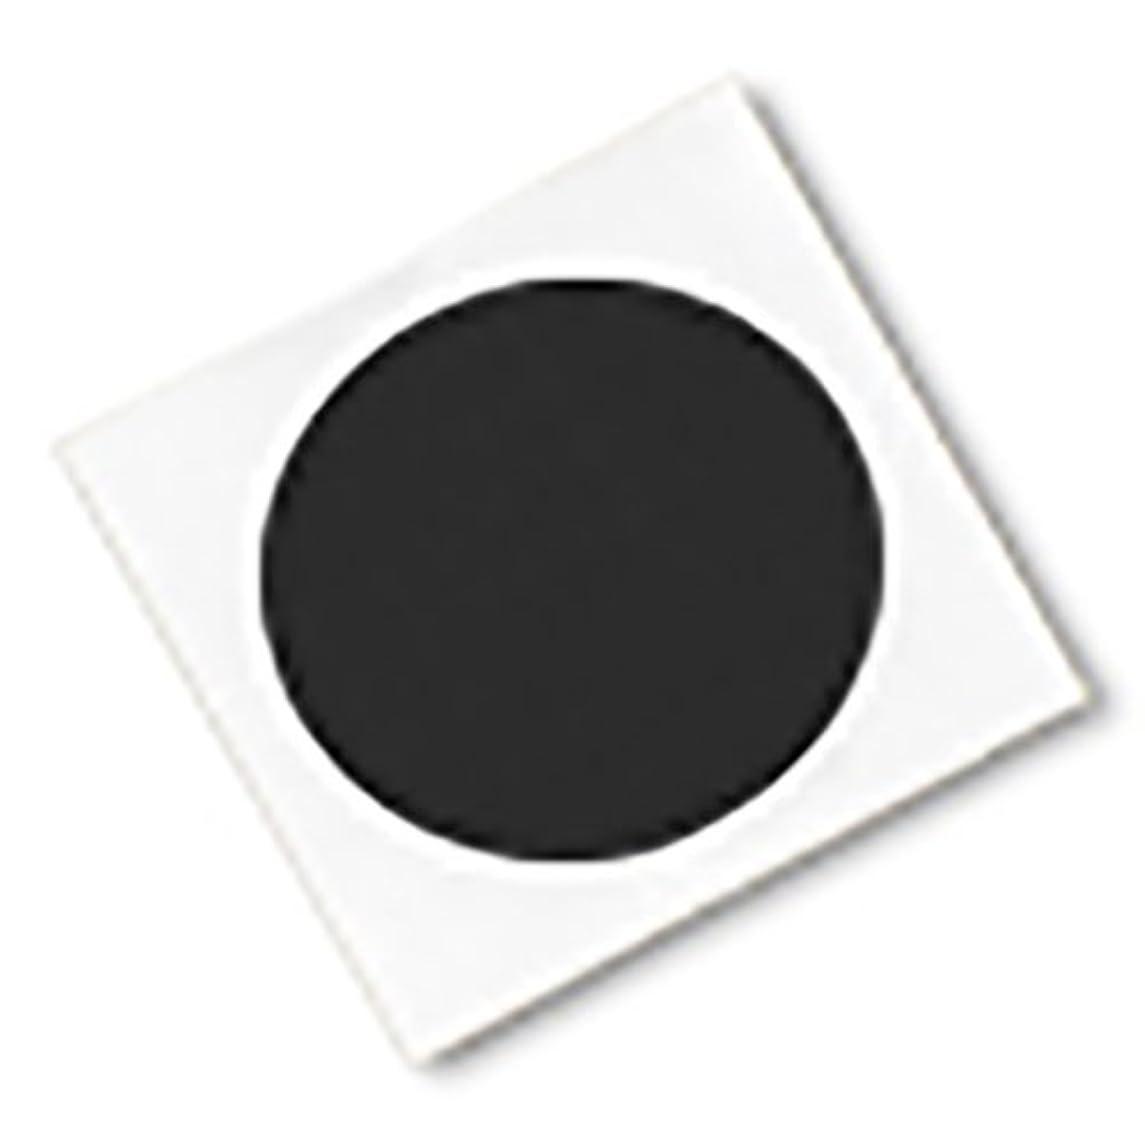 3M 616 CIRCLE-0.933